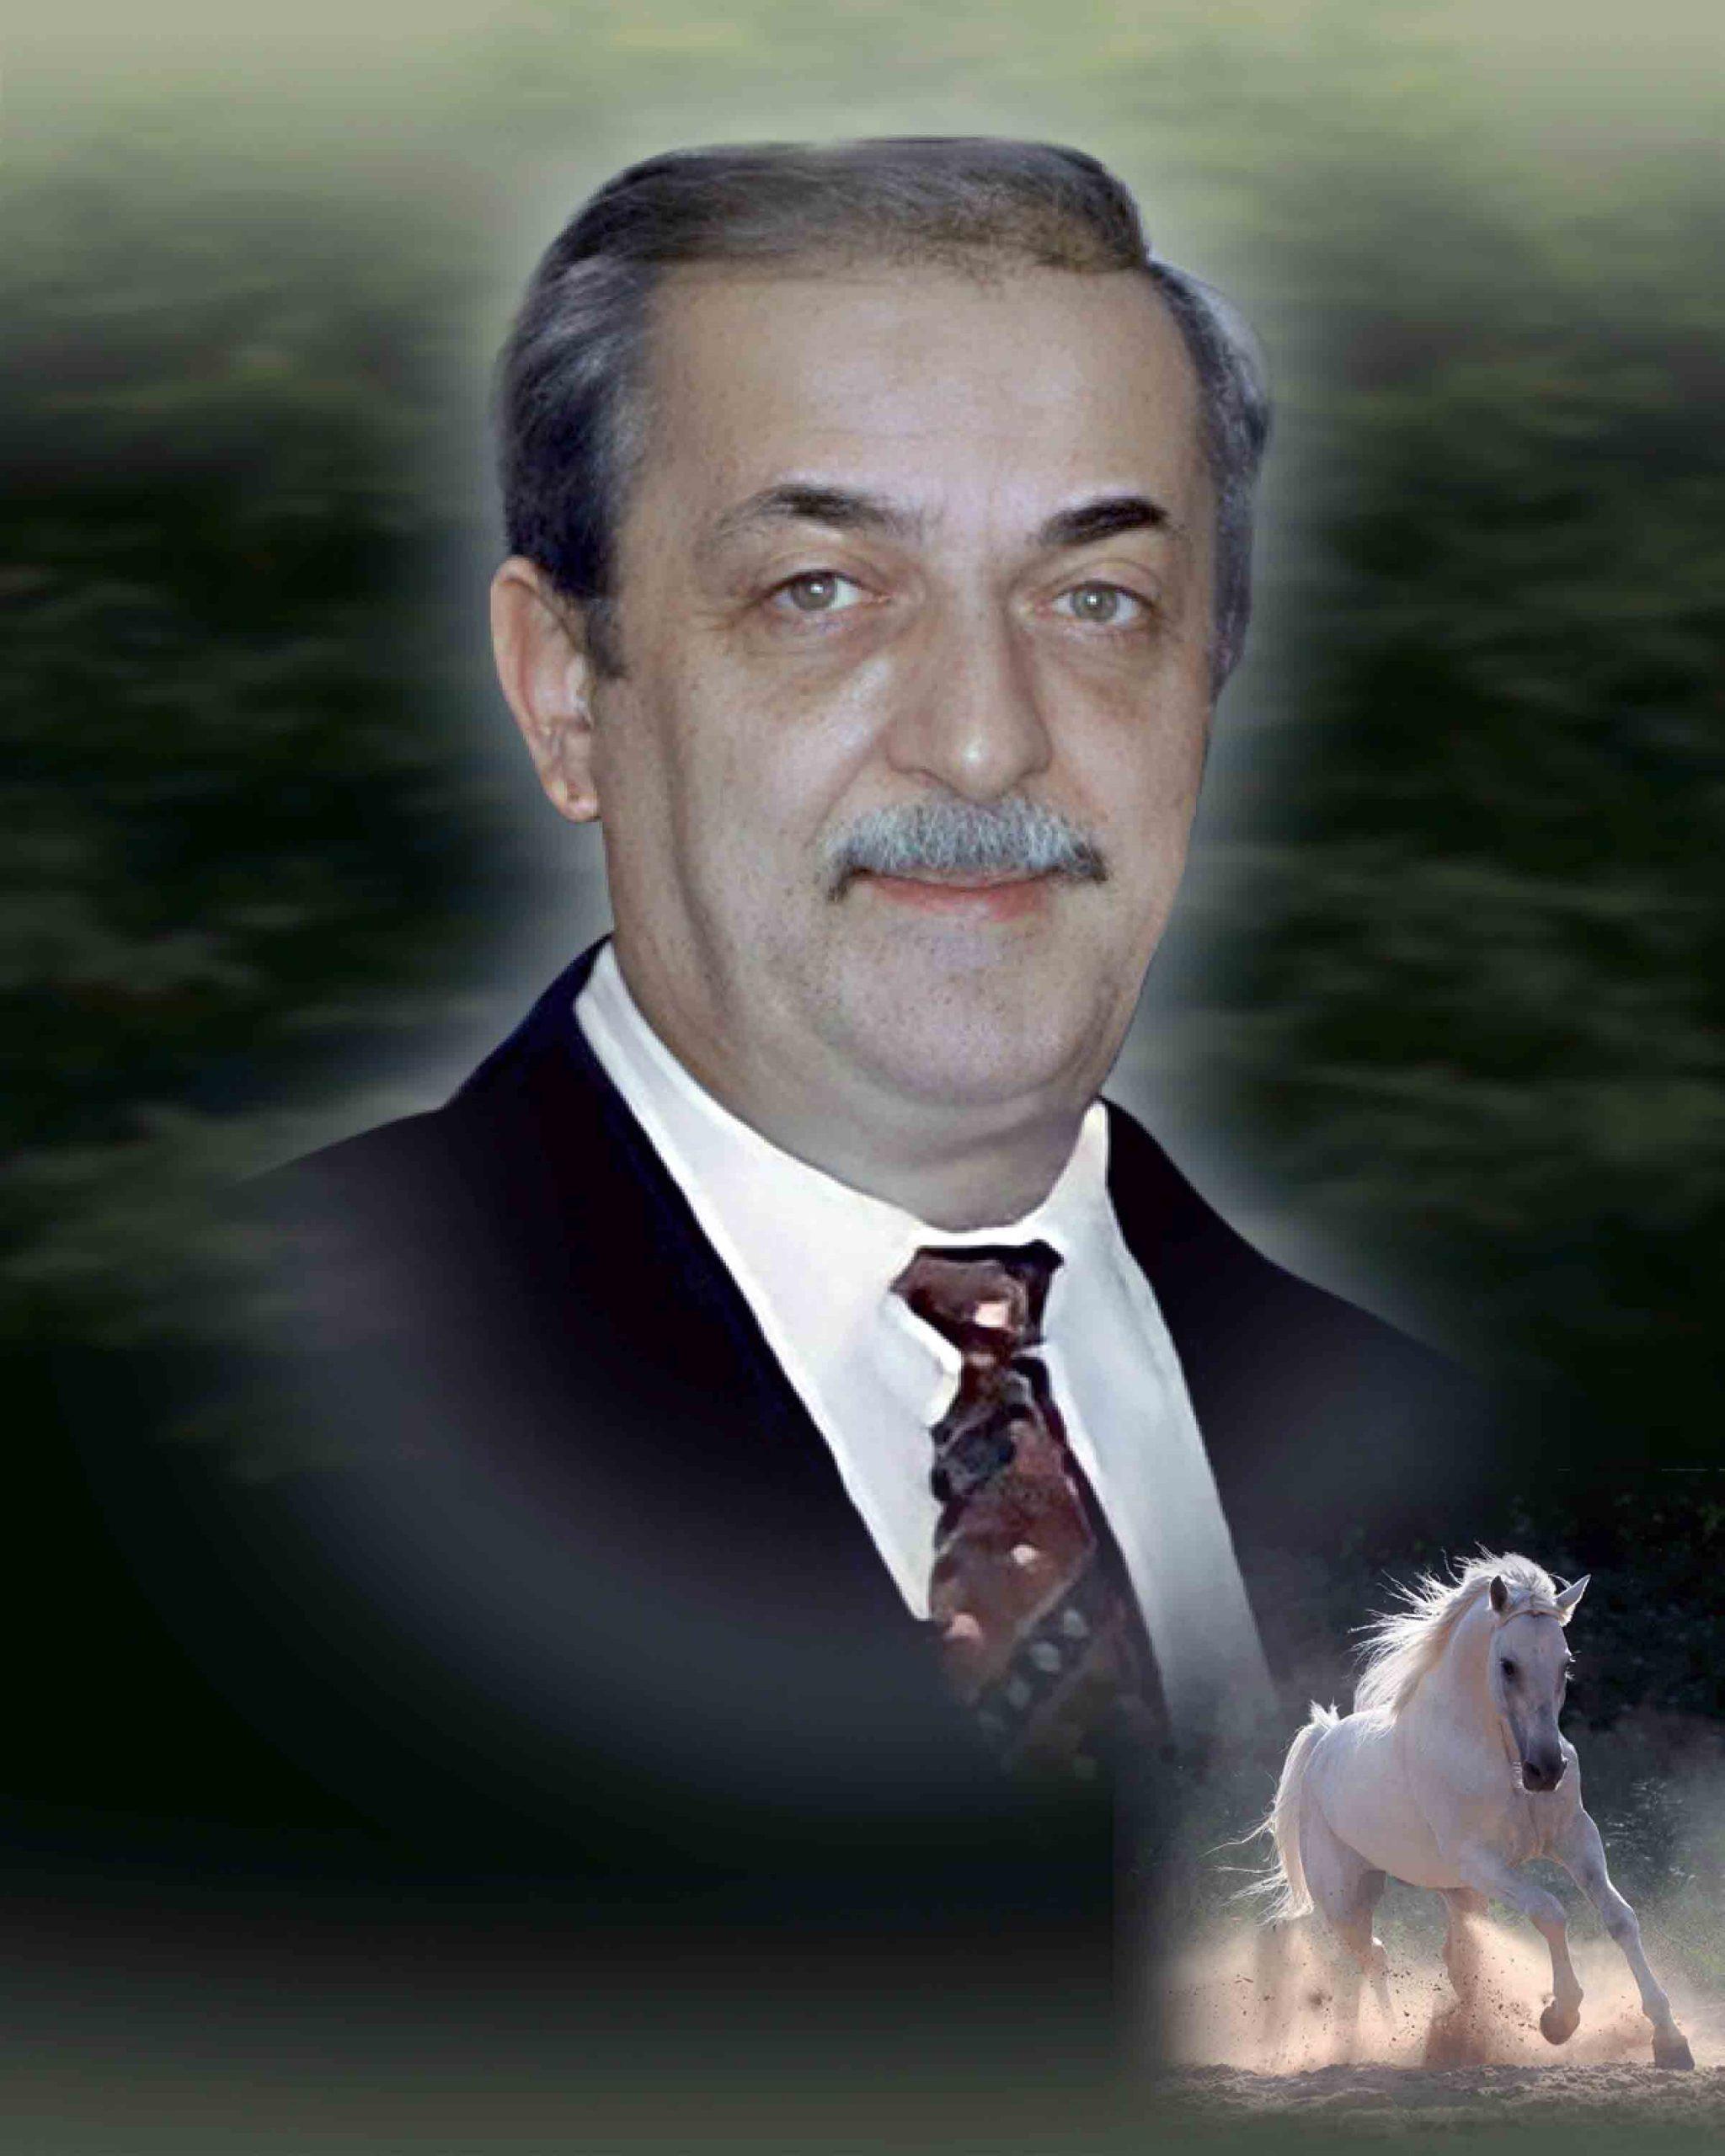 Avis de décès - Résidence funéraire Bernard Longpré Inc. - JacquesMorissette